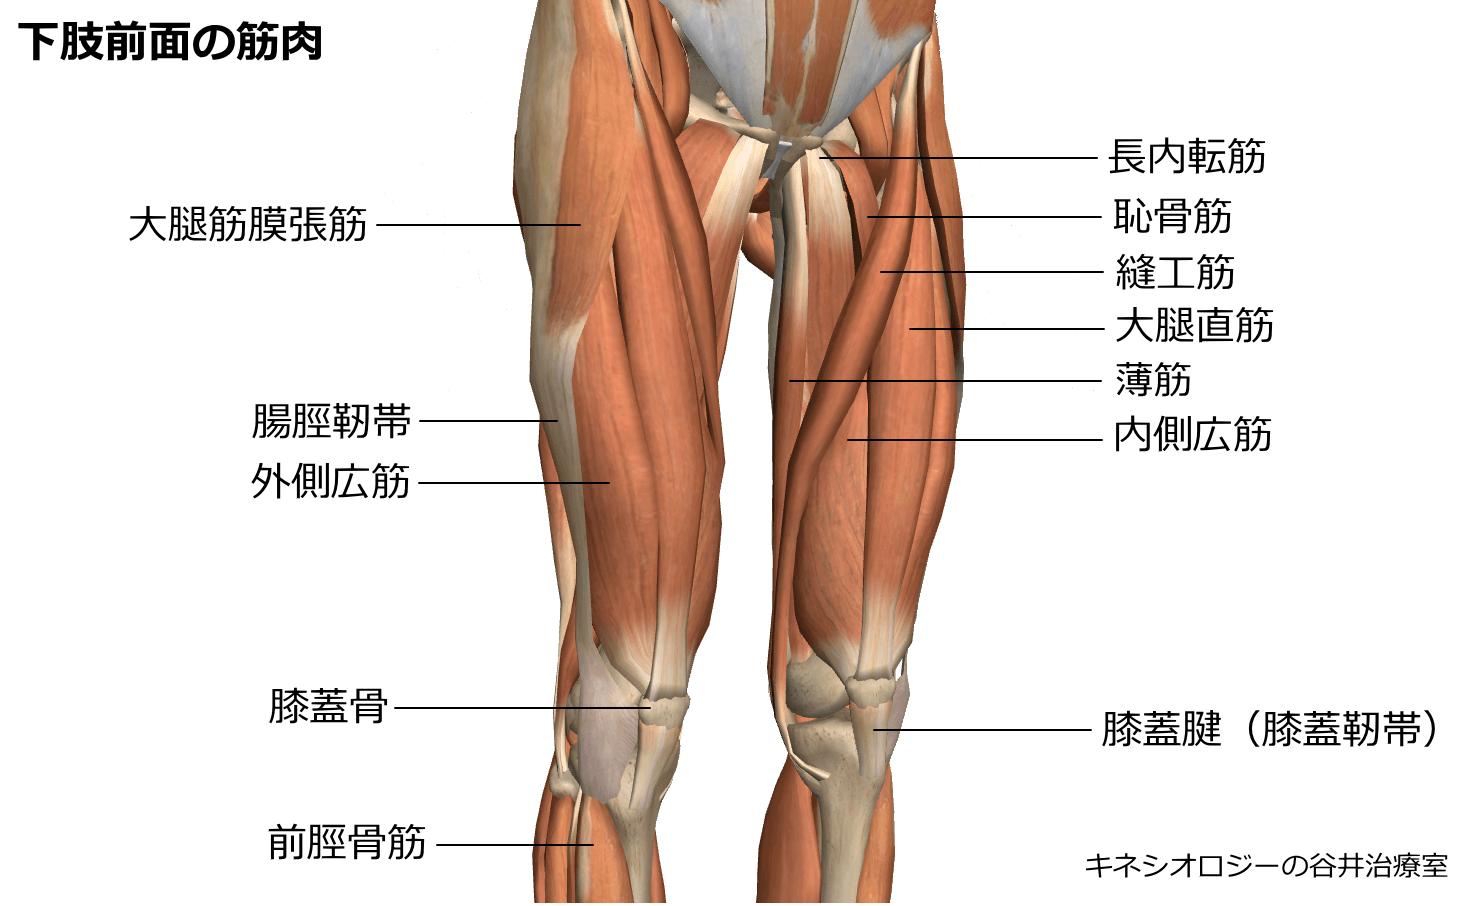 大腿前面の筋肉